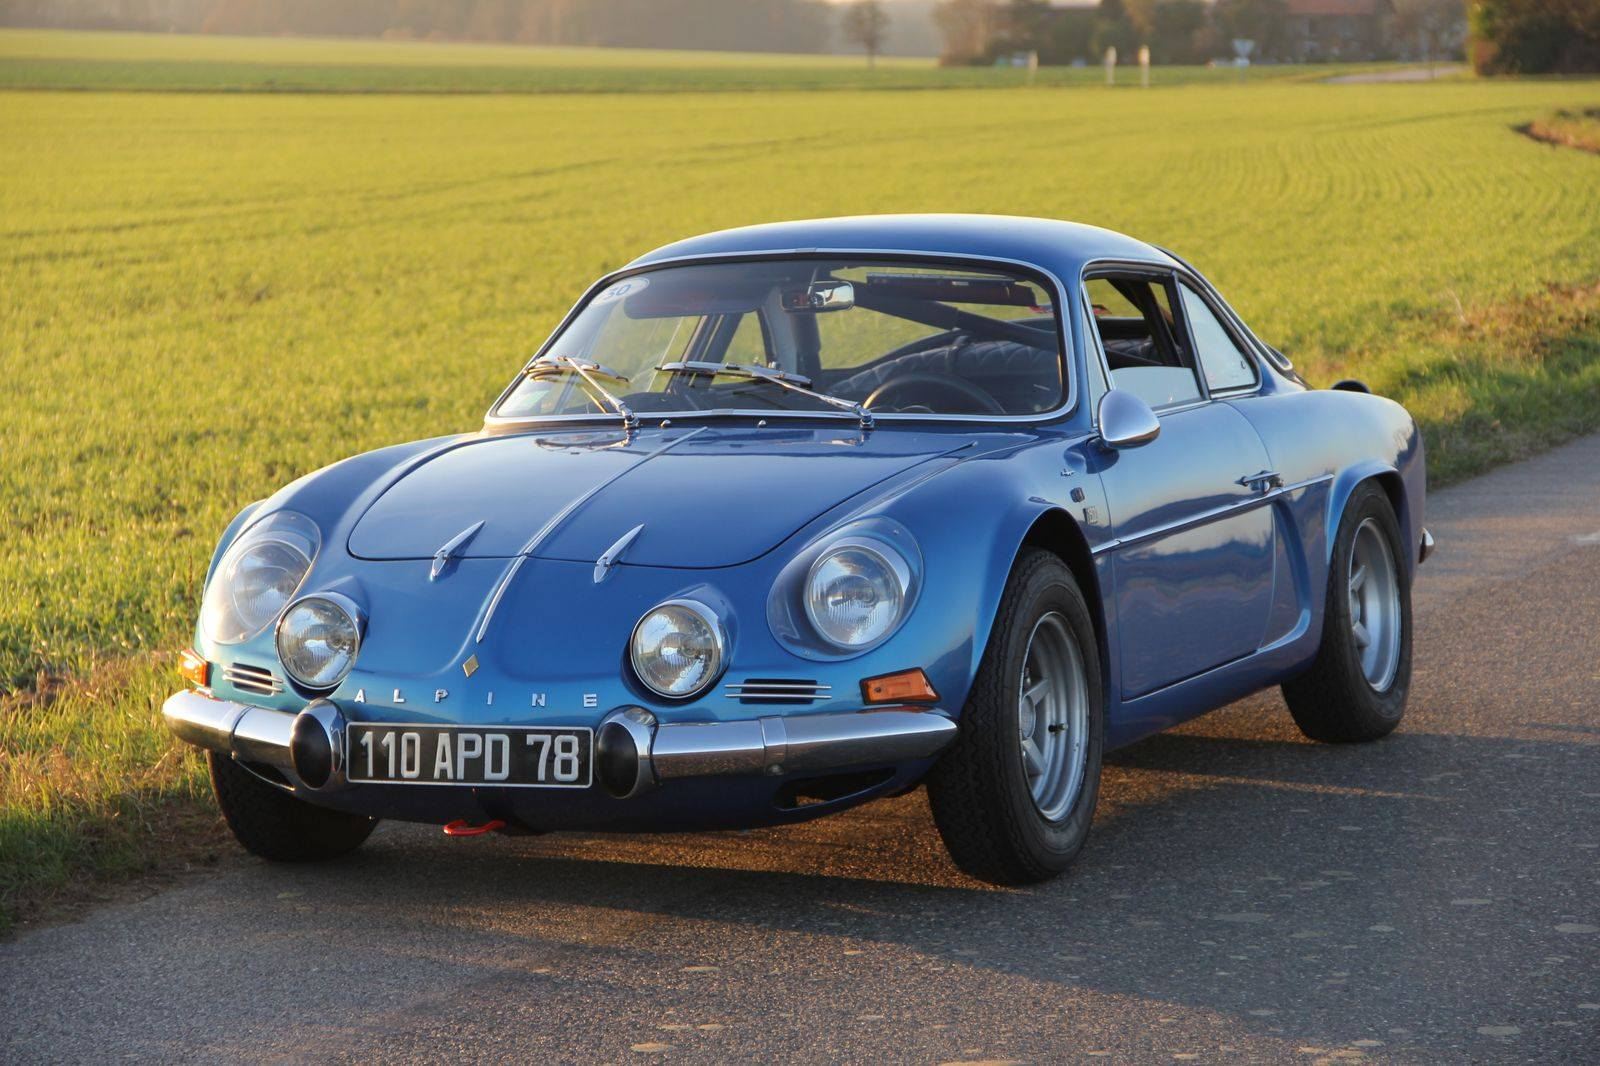 Jean-Pascal Dauce et son Alpine A110 1300 de 1971